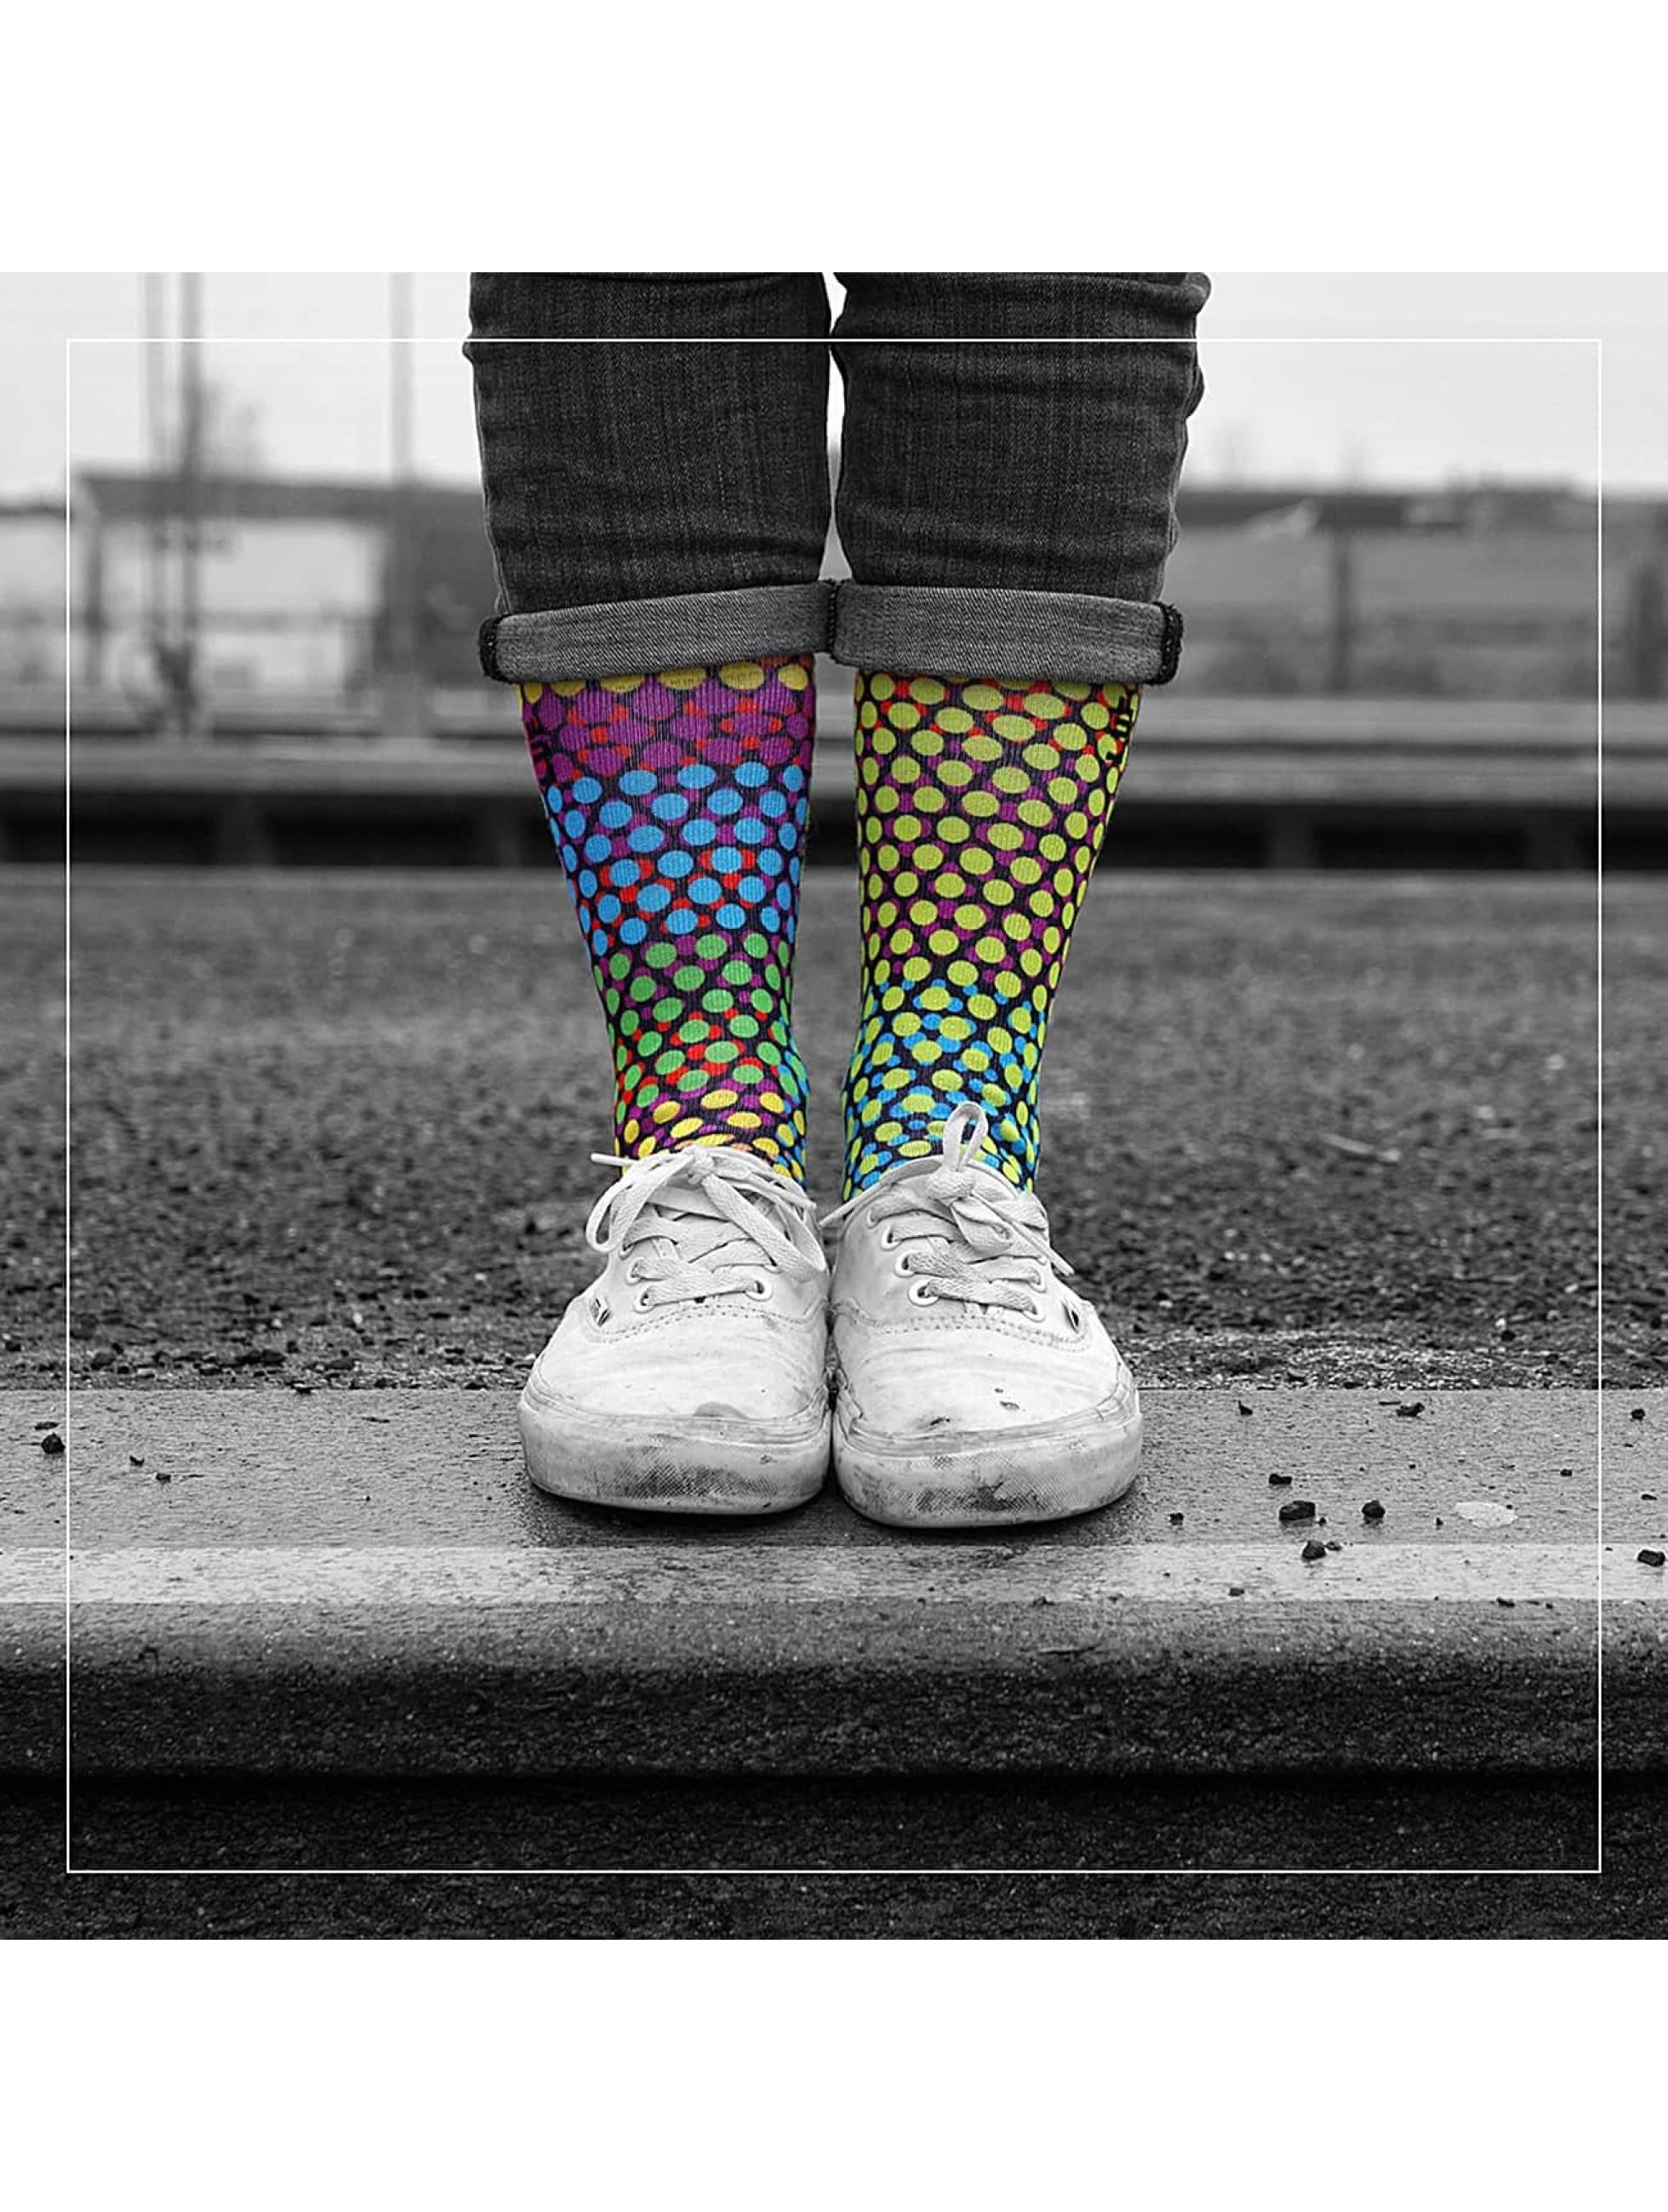 LUF SOX Strømper Glow Dots mangefarvet